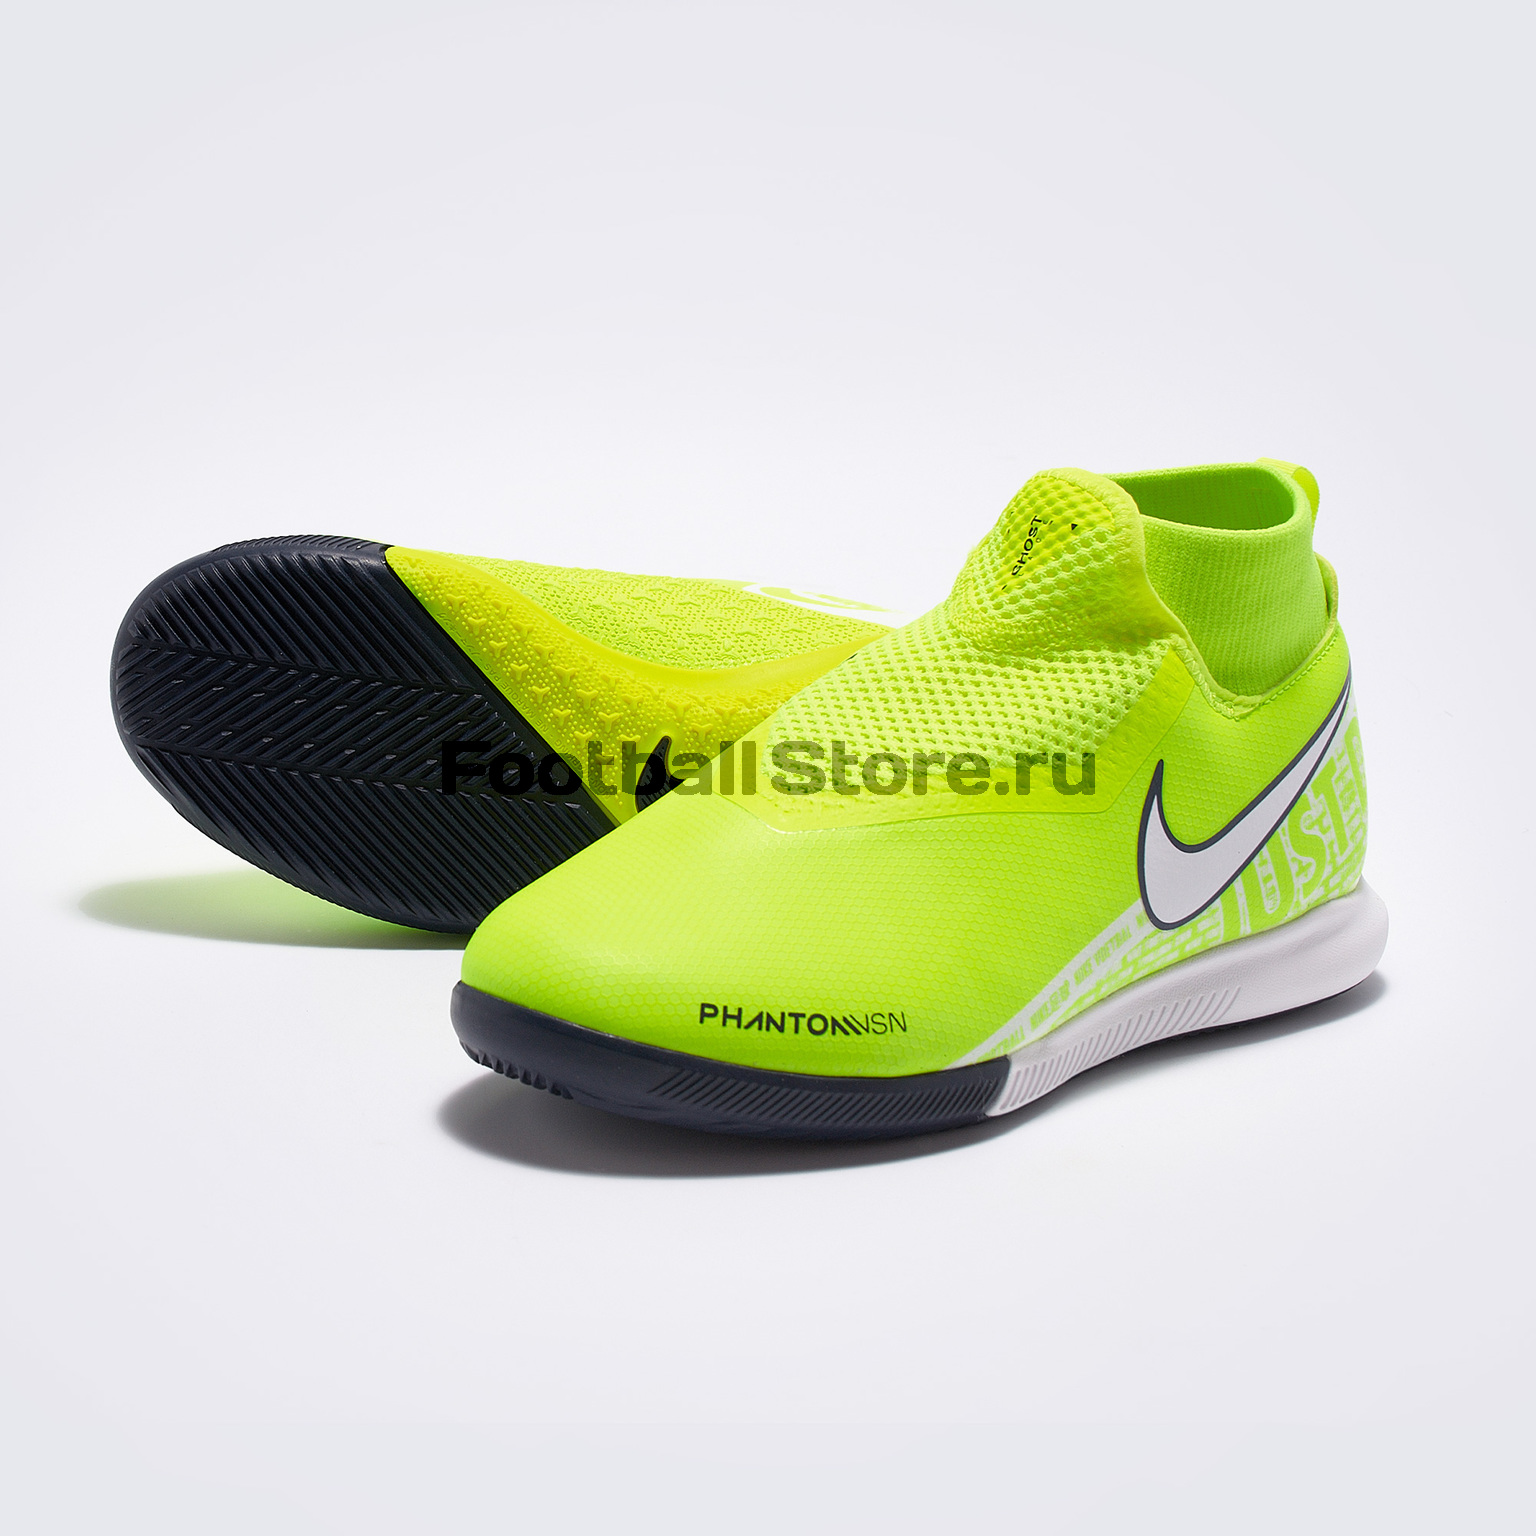 Футзалки детские Nike Phantom Vision Academy DF IC AO3290-717 цена и фото